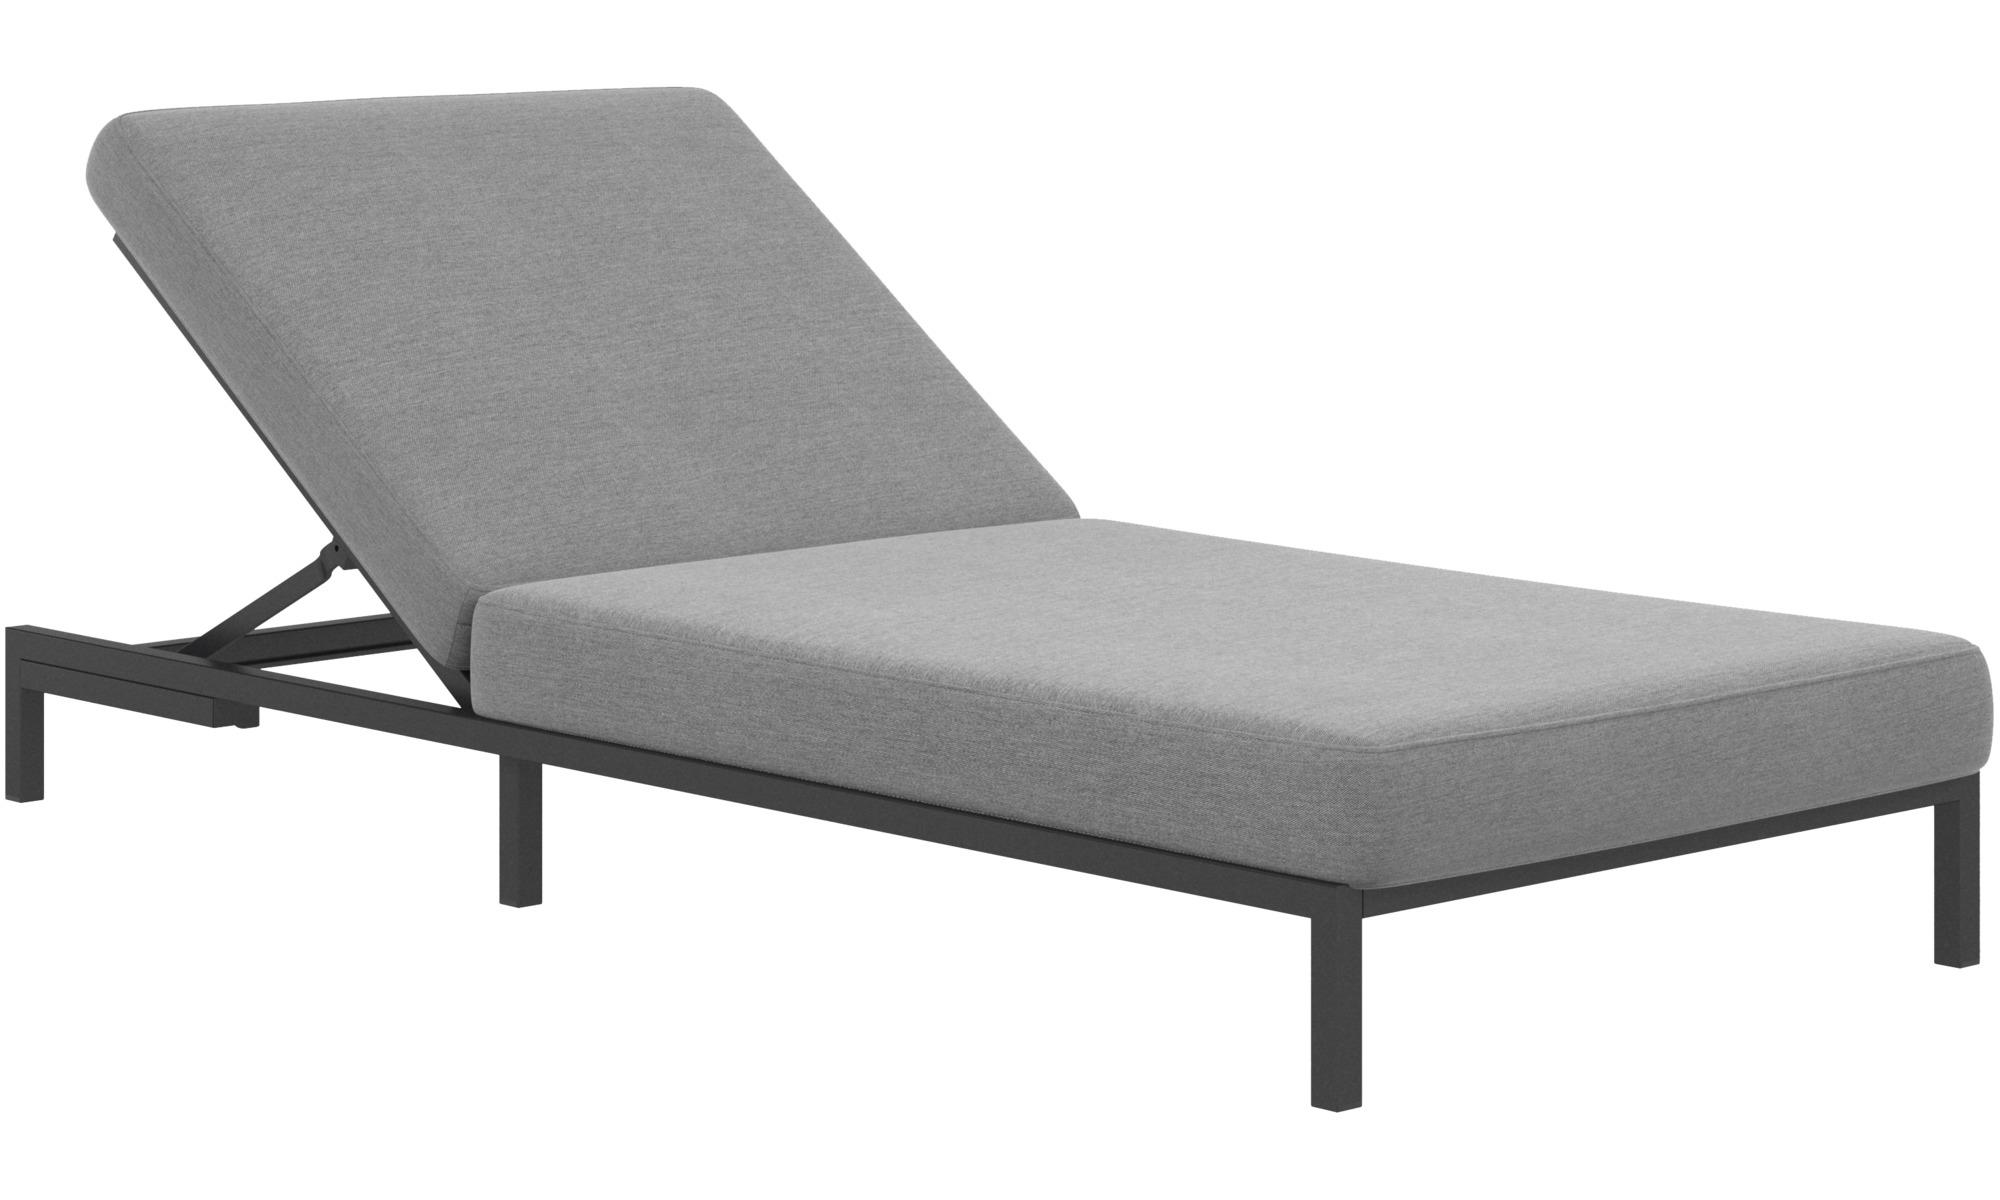 Modular sofas - Rome sun lounger without armrest - Grey - Fabric